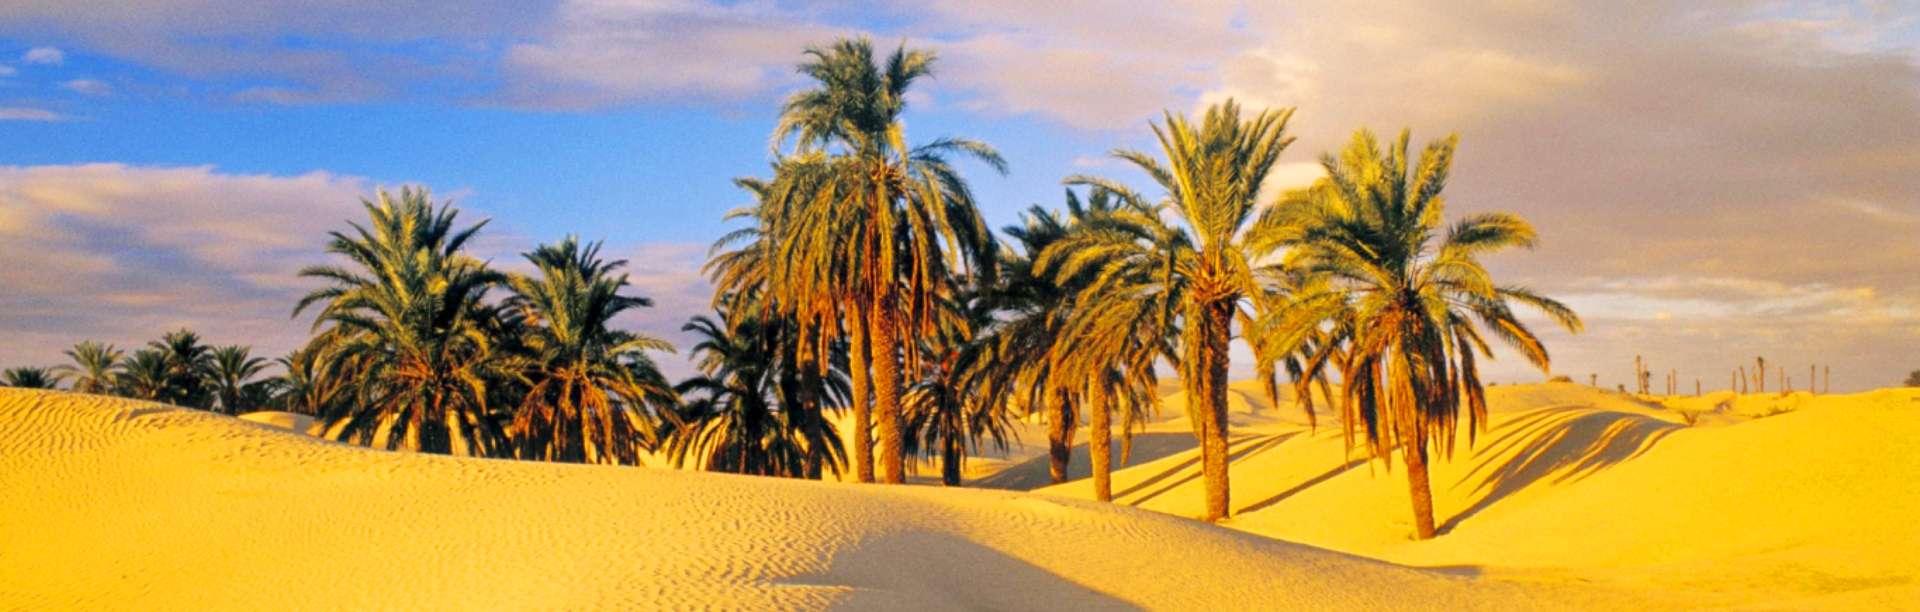 Оазис в пустыне, Тунис